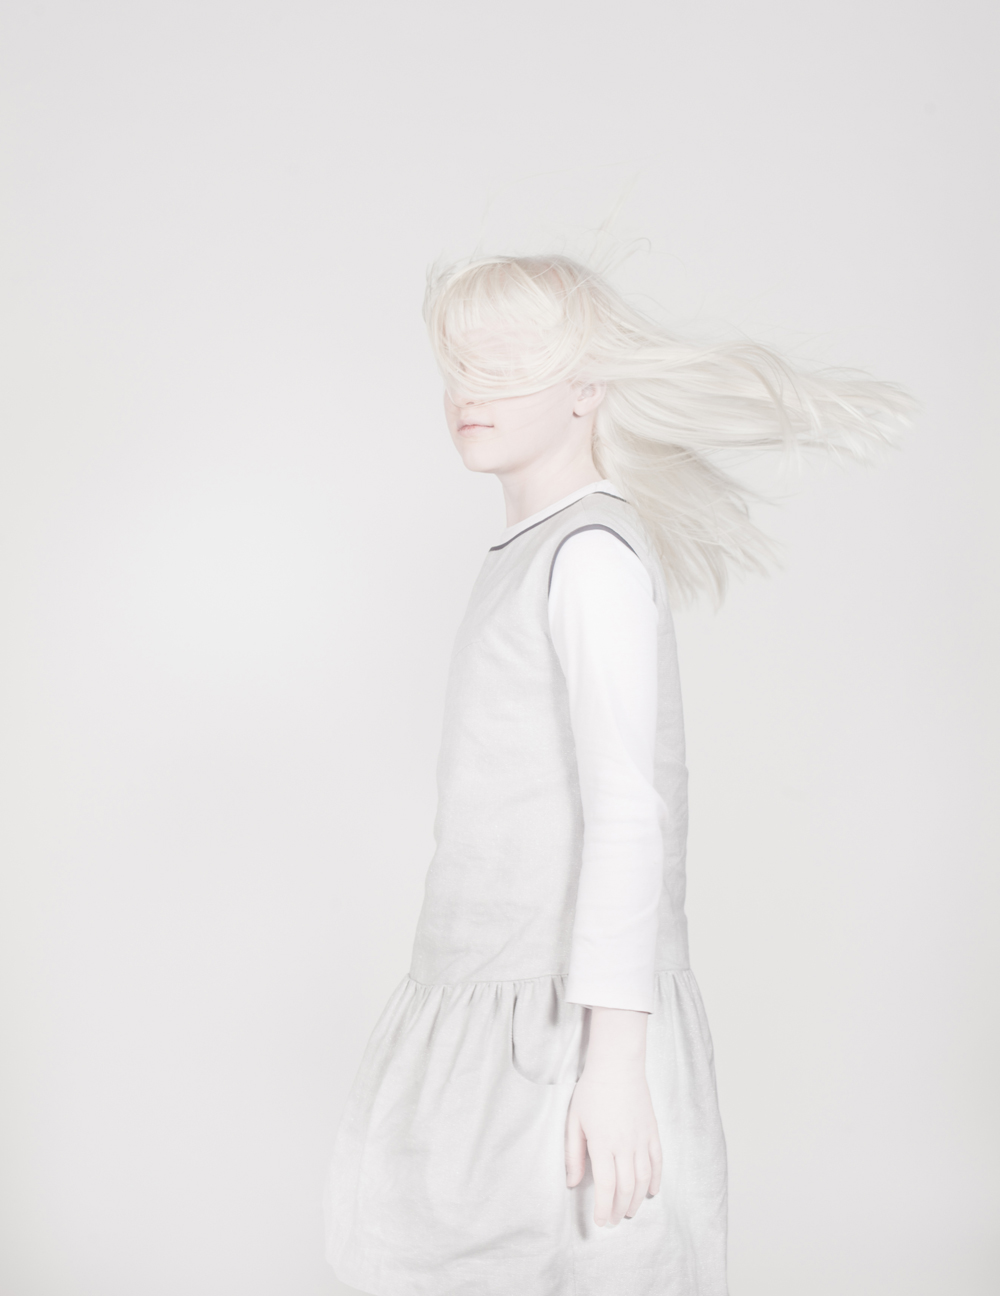 """Anna Bedyńska, """"Zuzia"""" - III miejsce w konkursie World Press Photo 2013 w kategorii """"Pozowane portrety"""", fot. materiały prasowe World Press Phot"""